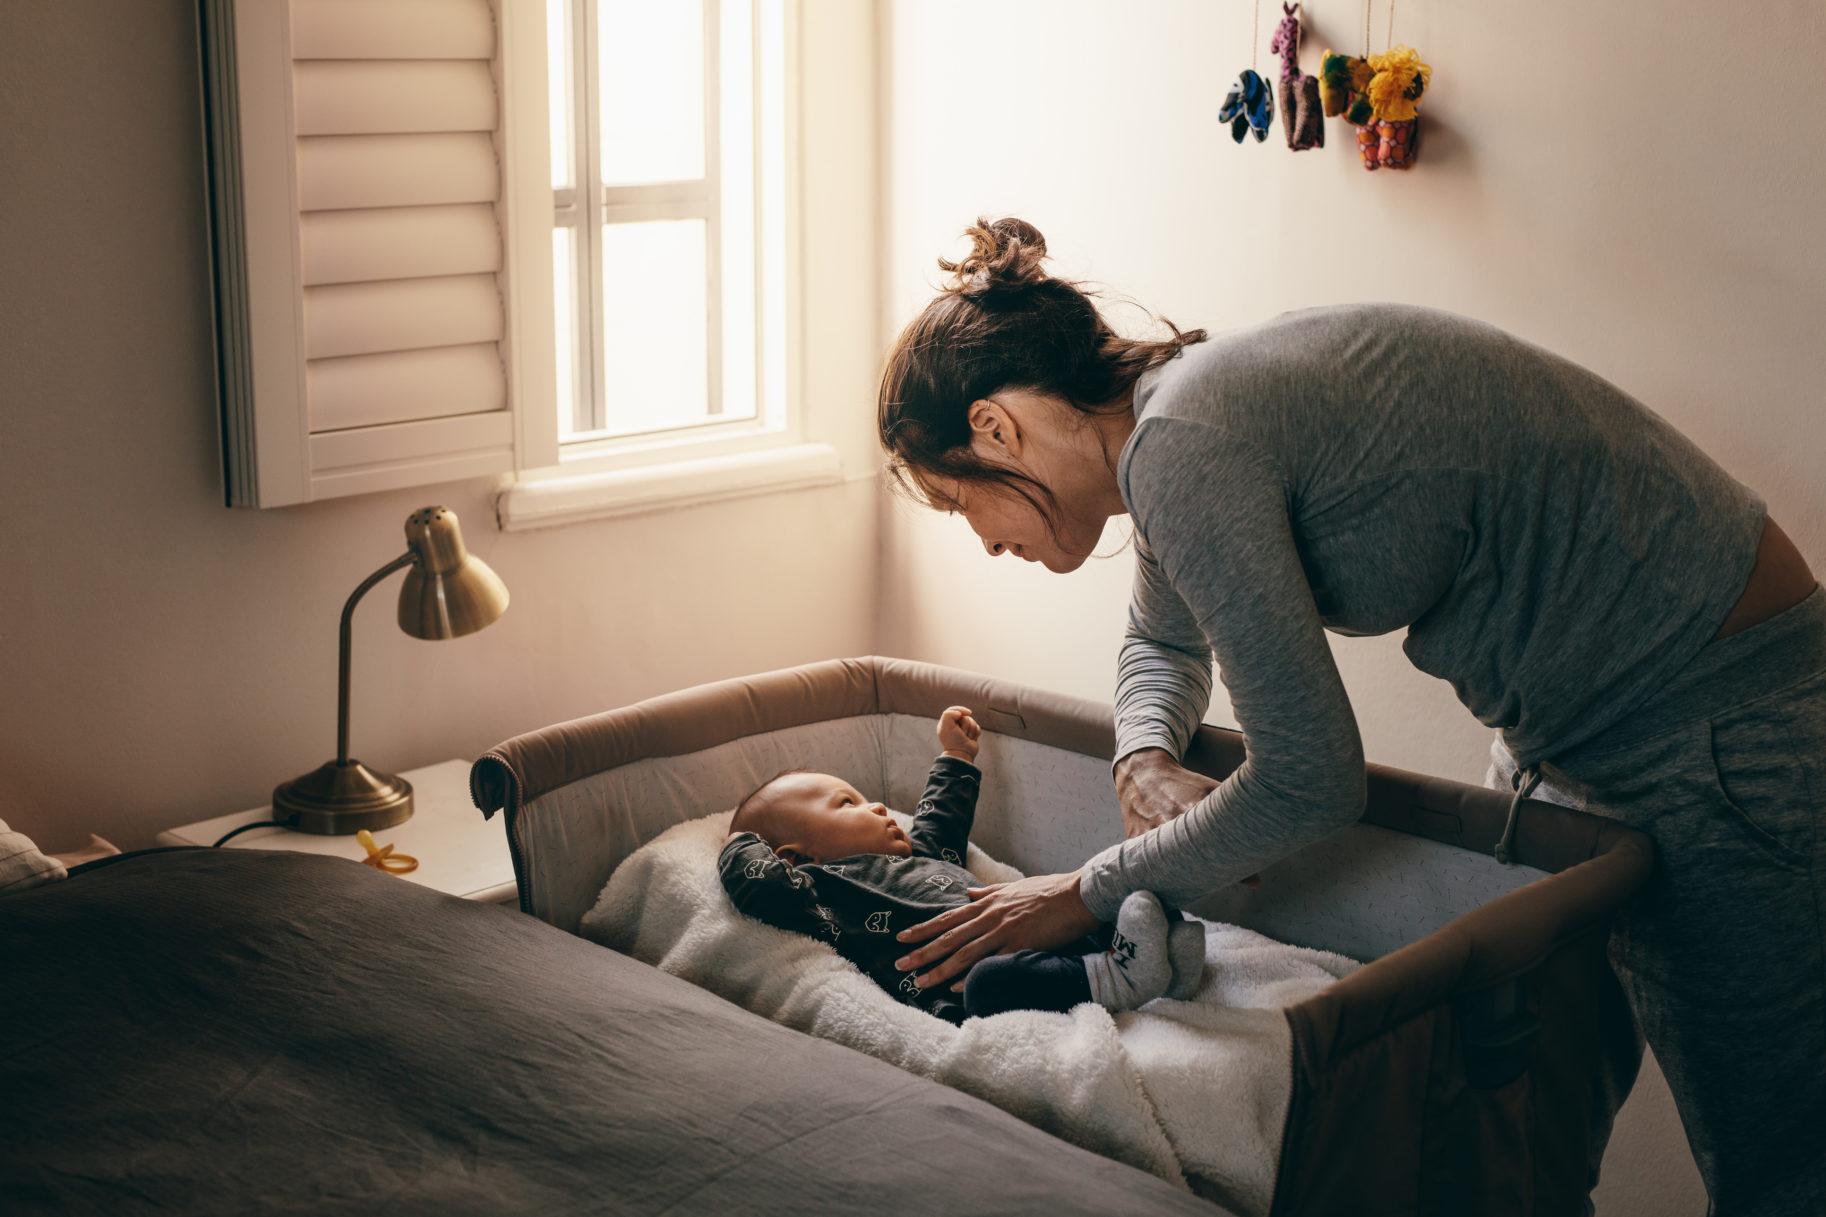 duszność u niemowlaka